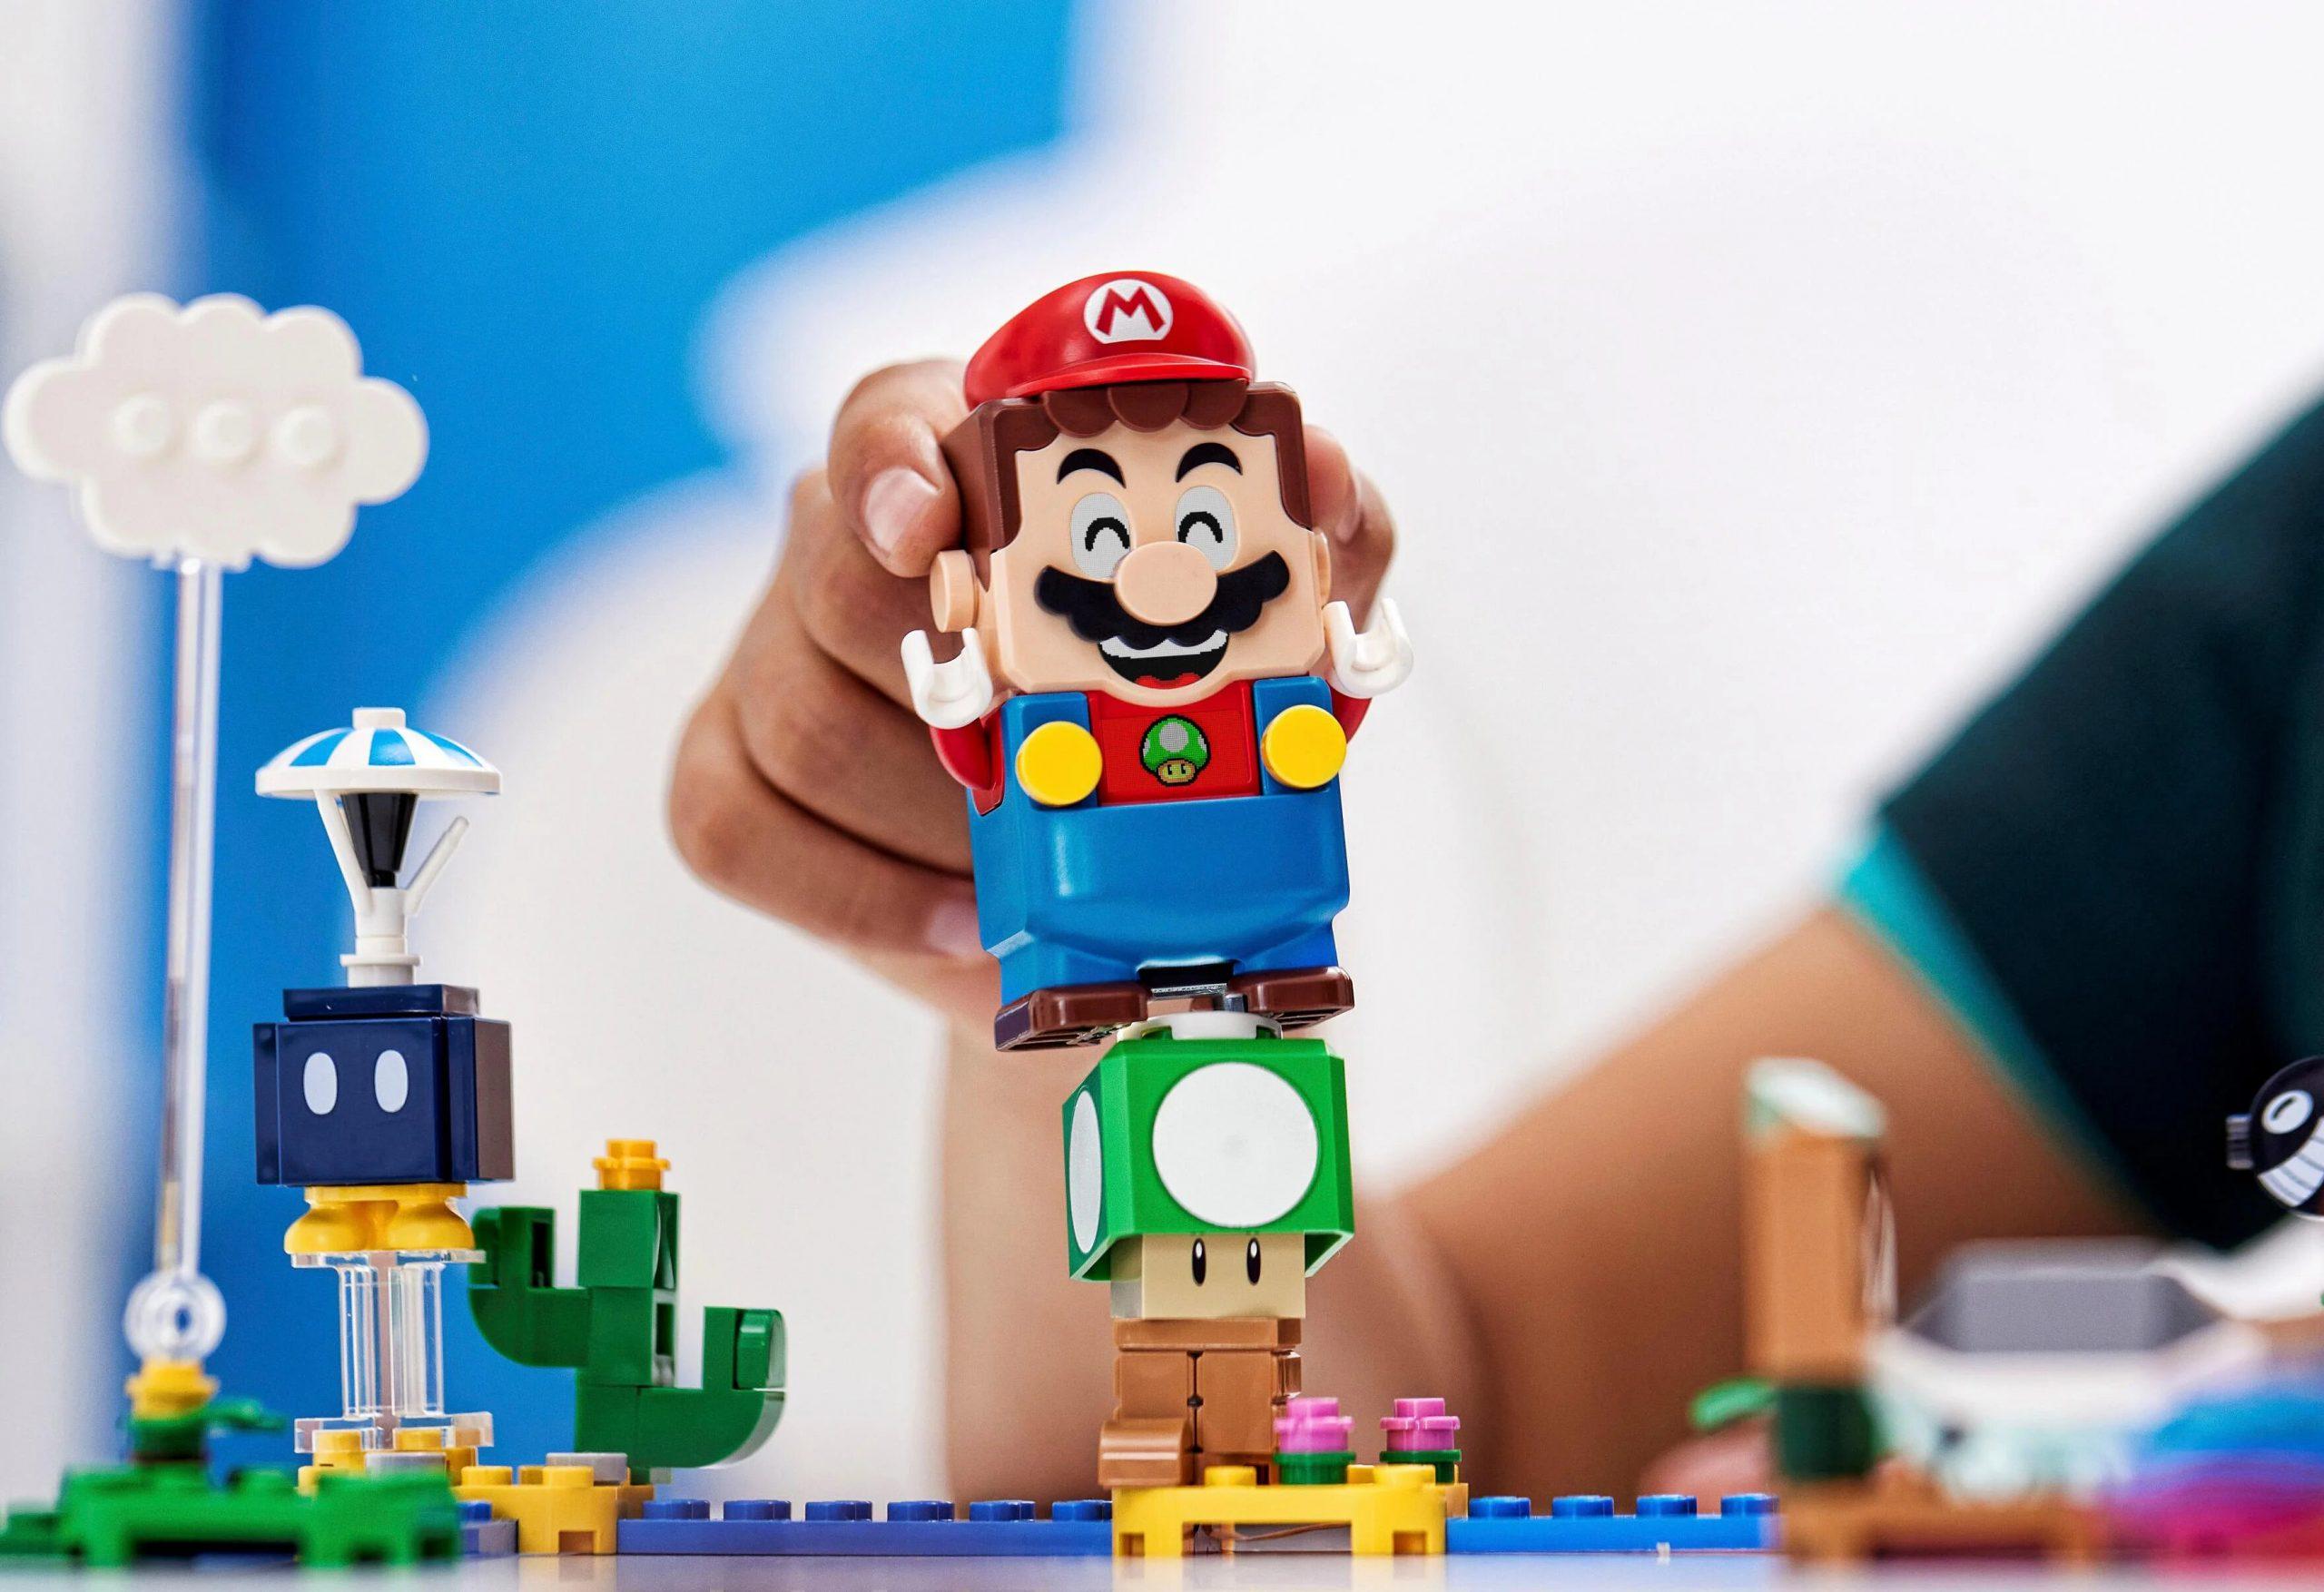 ¡Nuevo LEGO Mario! Se relevaron las imágenes del set más grande hasta ahora